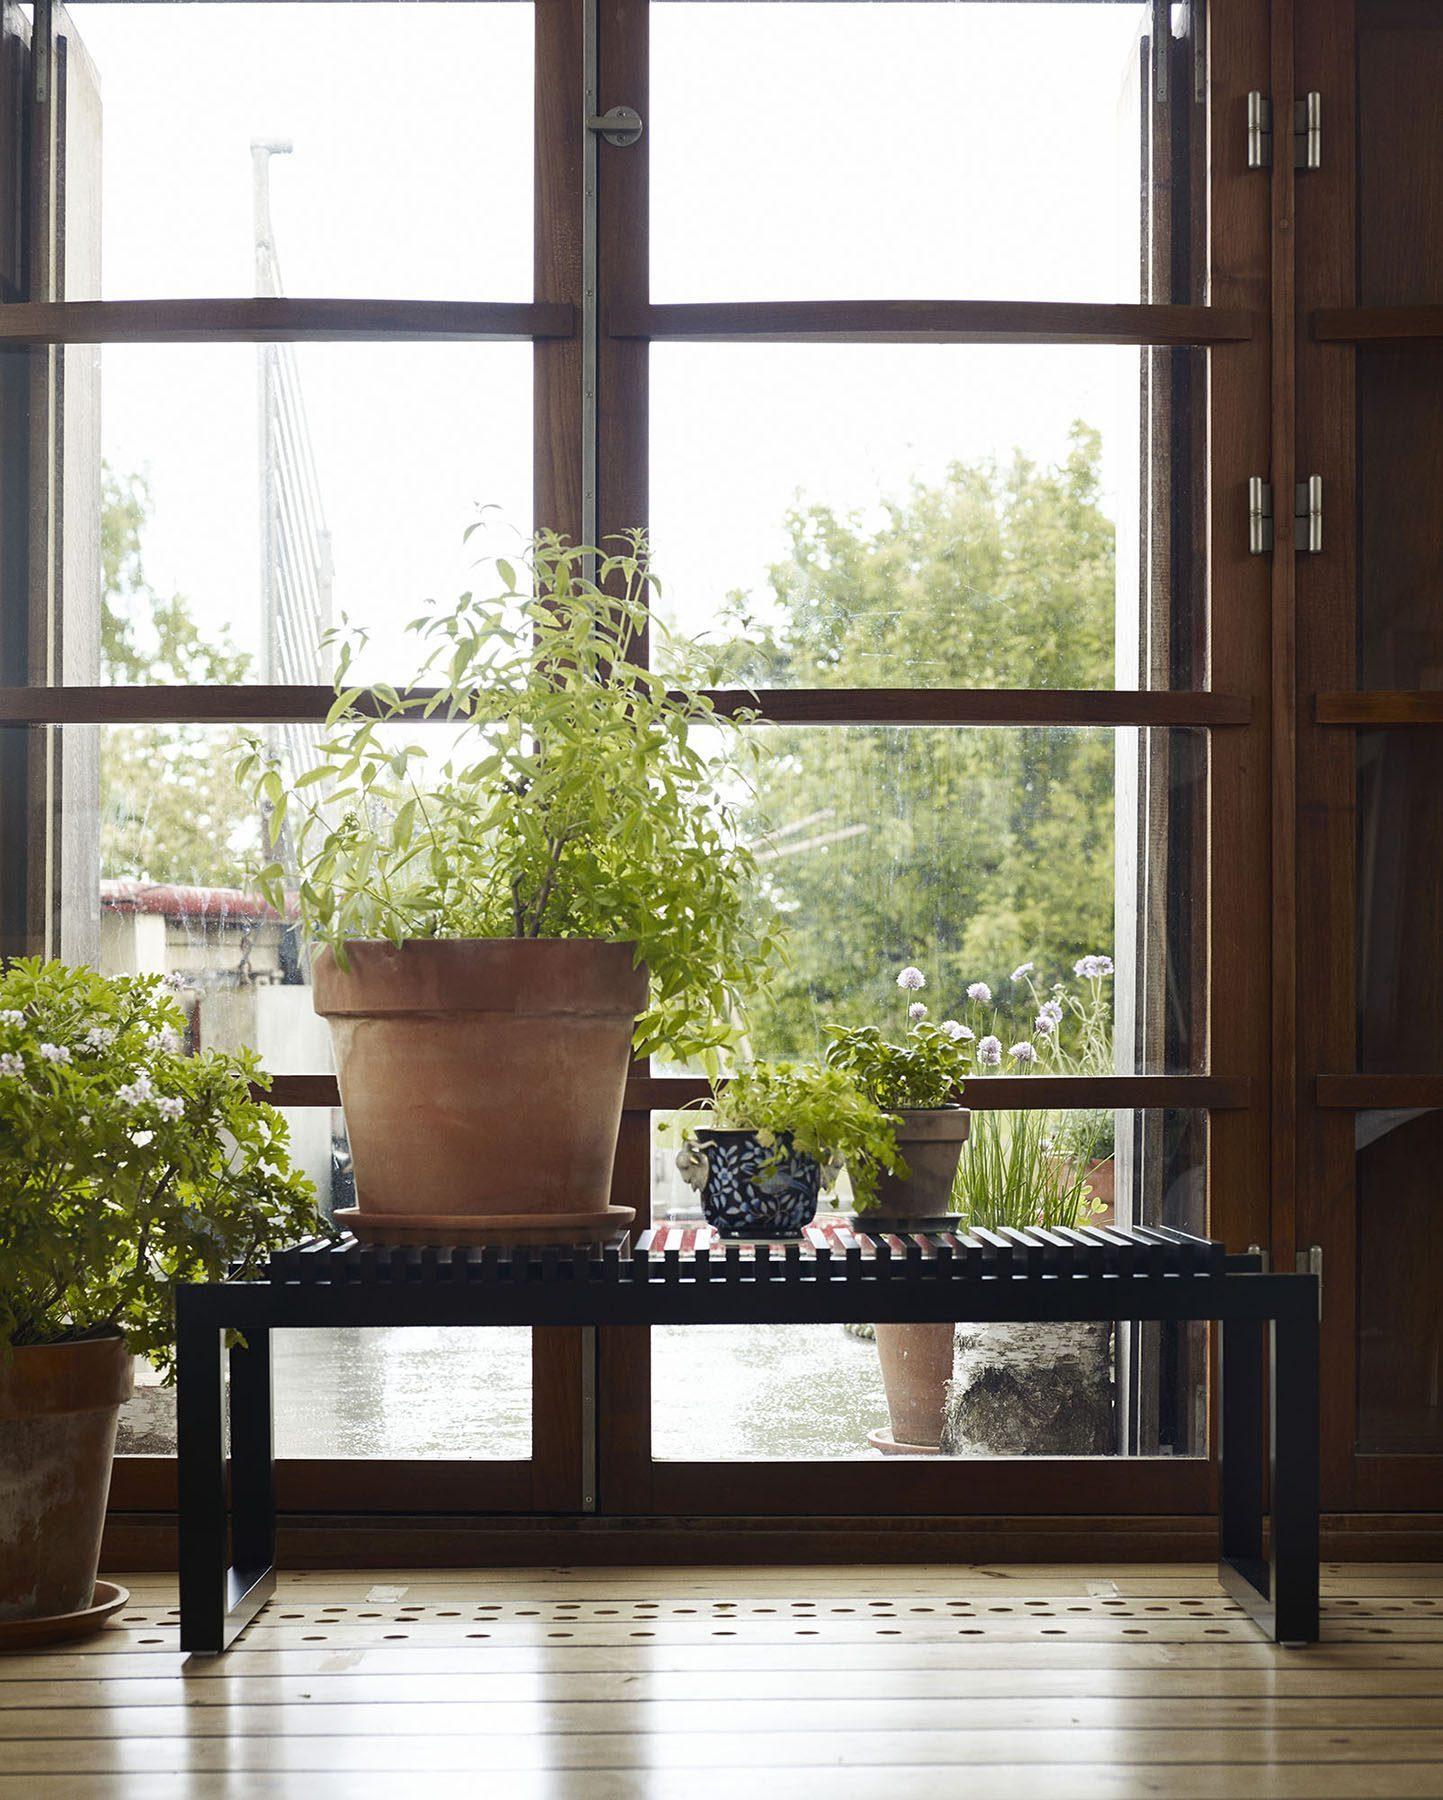 Miljöbild av svart bänk i Cutter-serien från Skagerak